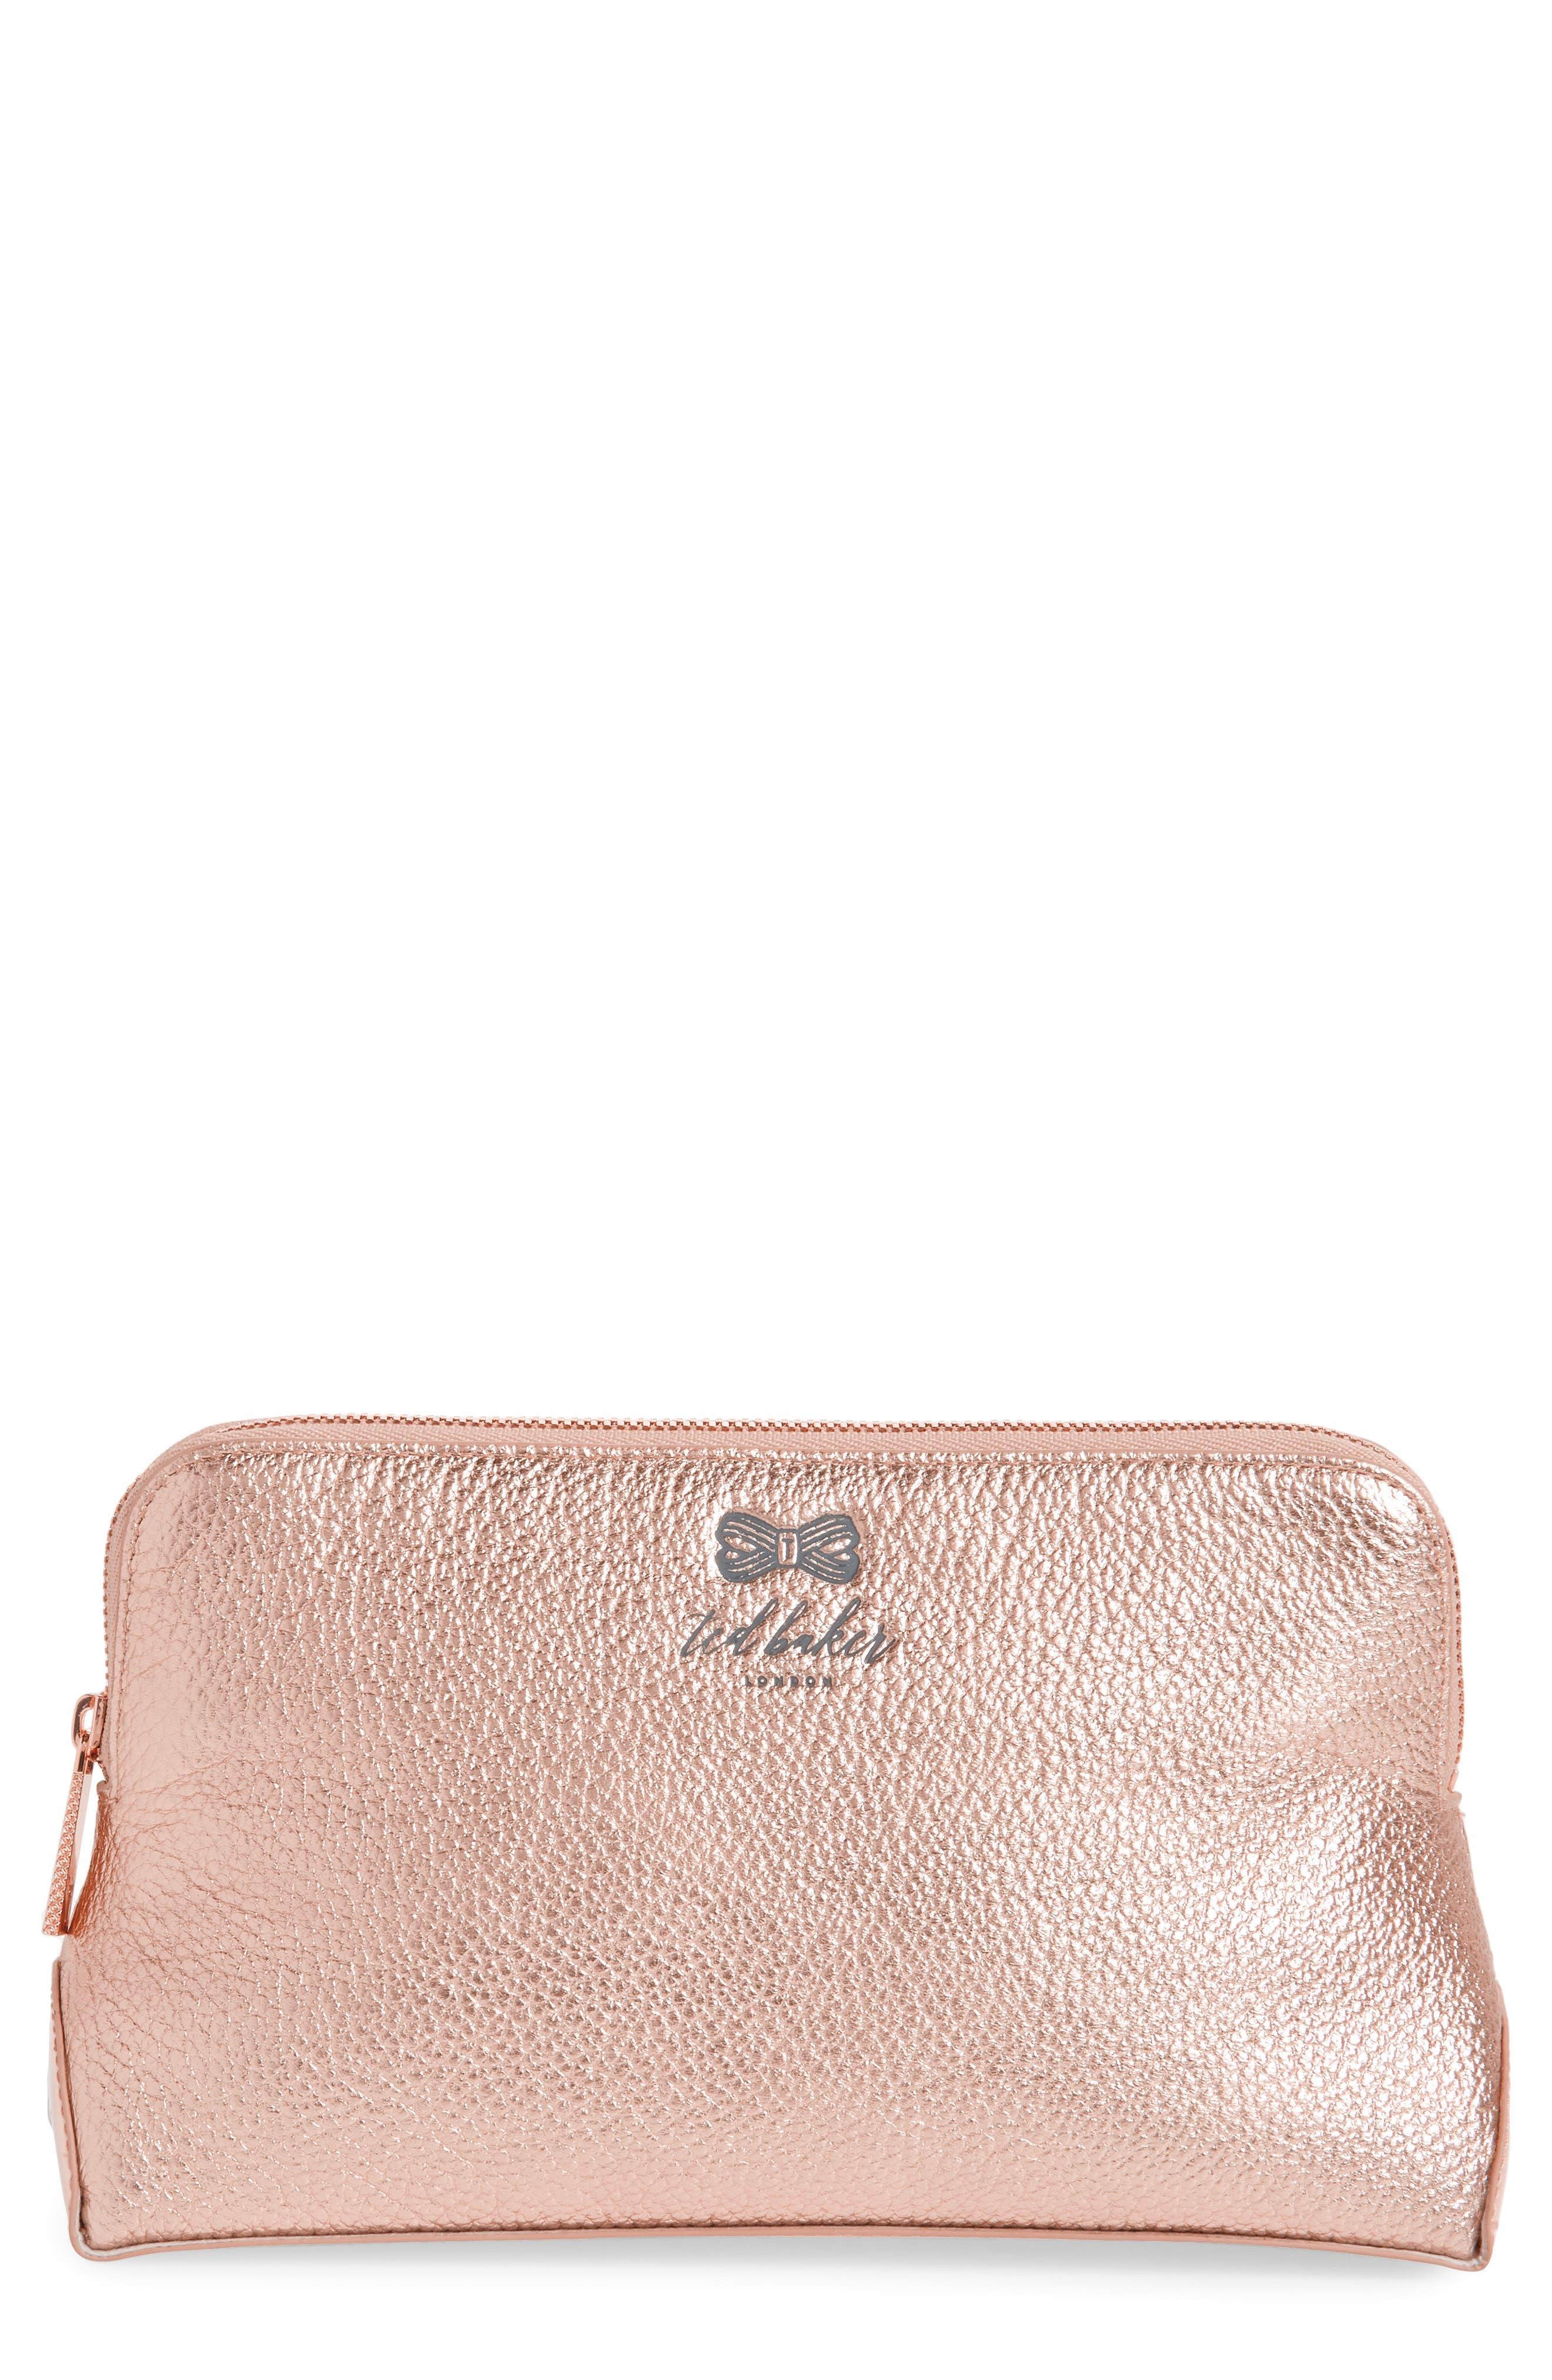 Pescara Makeup Bag,                         Main,                         color, 658